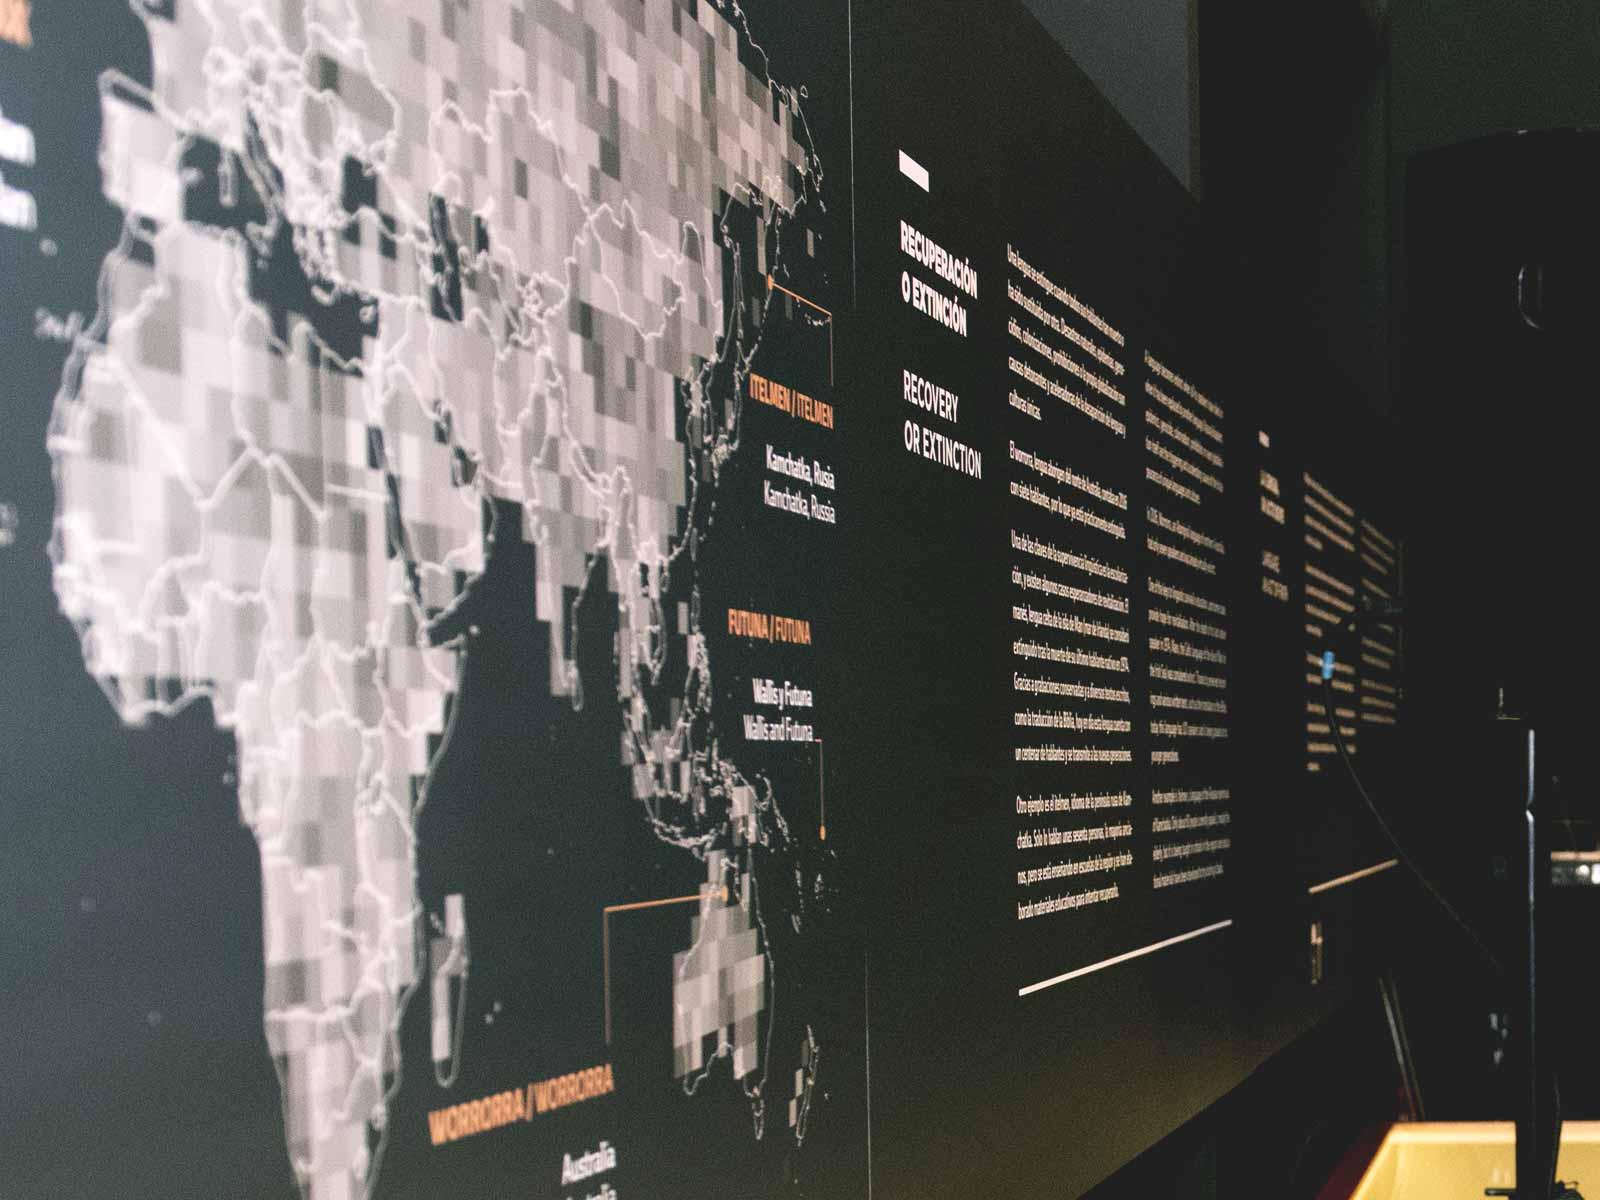 Exposició La Biblia CaixaForum Madrid - Continguts expositius | Iuris.doc - Màrqueting de continguts